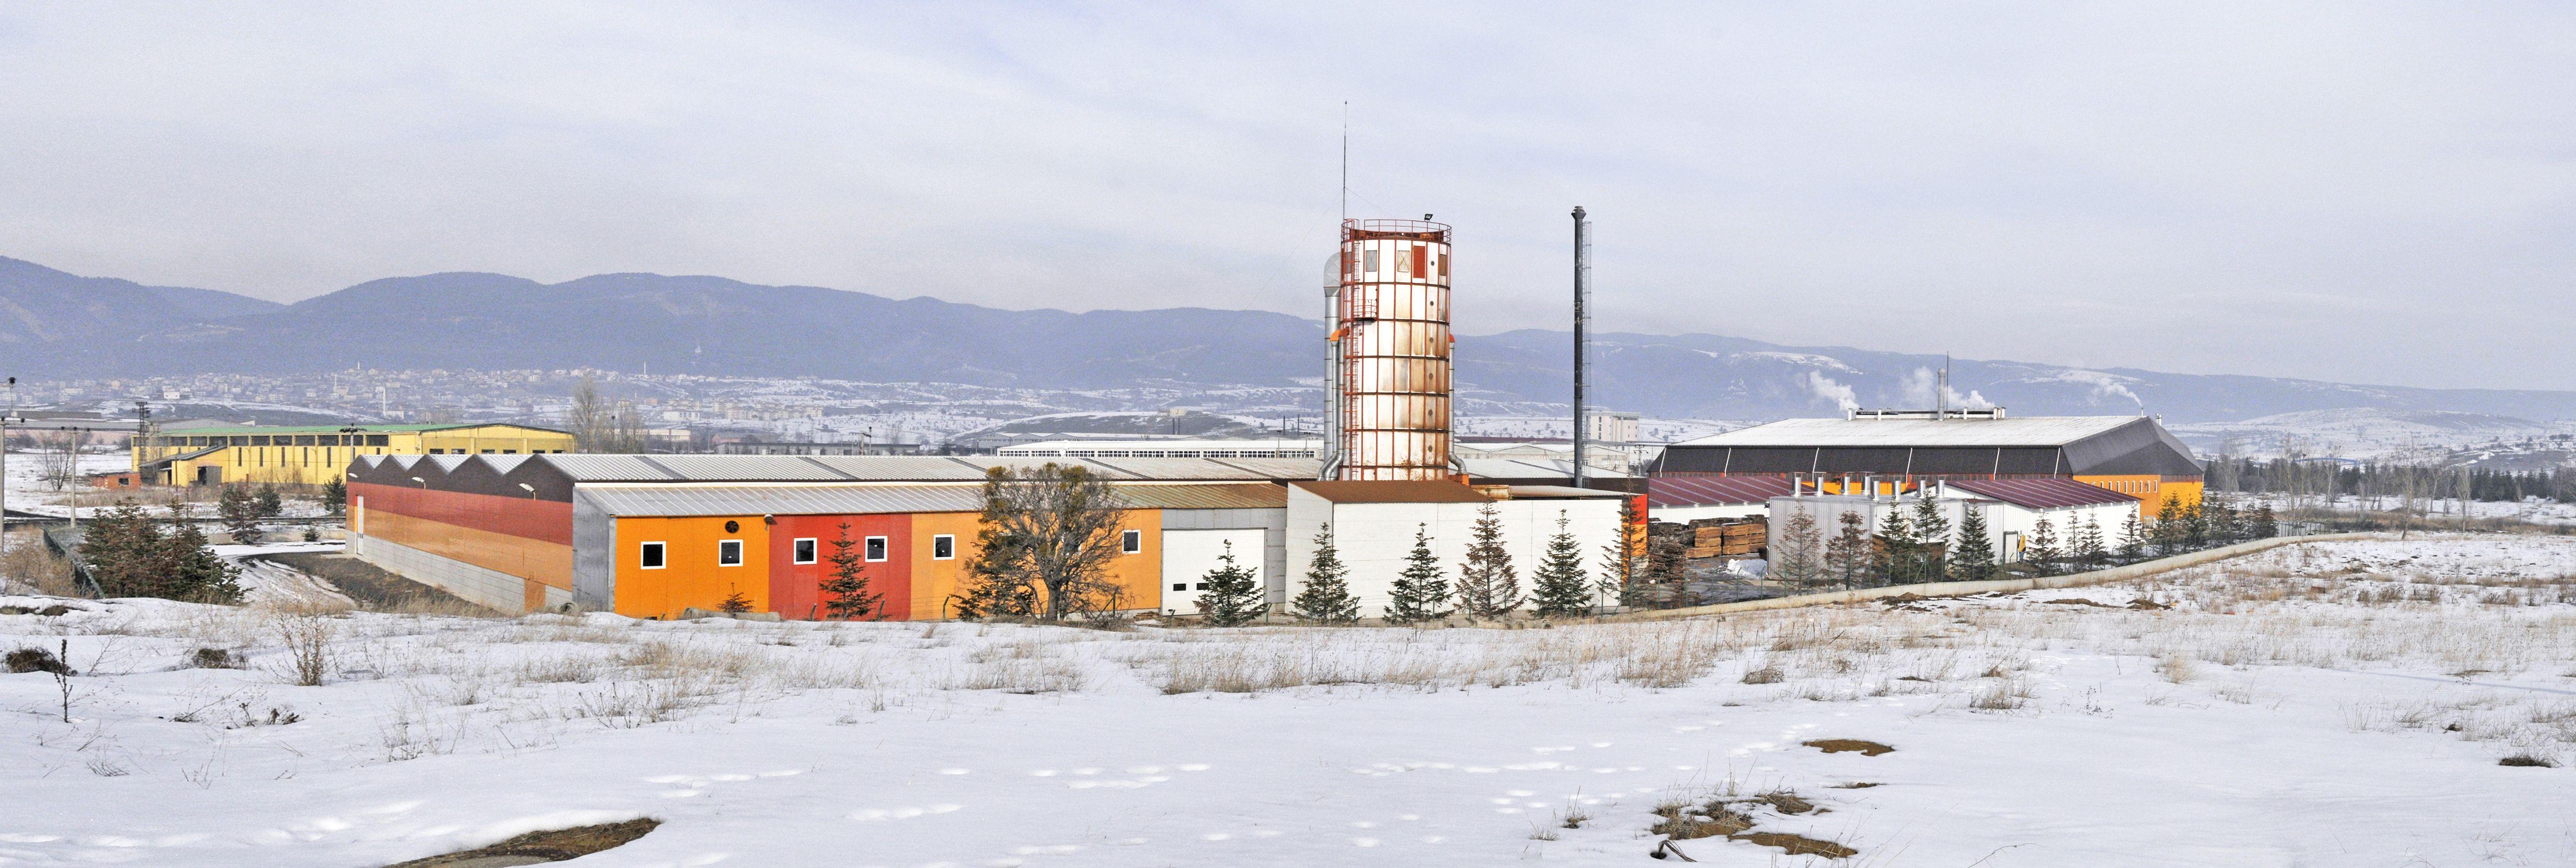 novawood yıllık üretim kapasitesi 14,000 m3 tür.